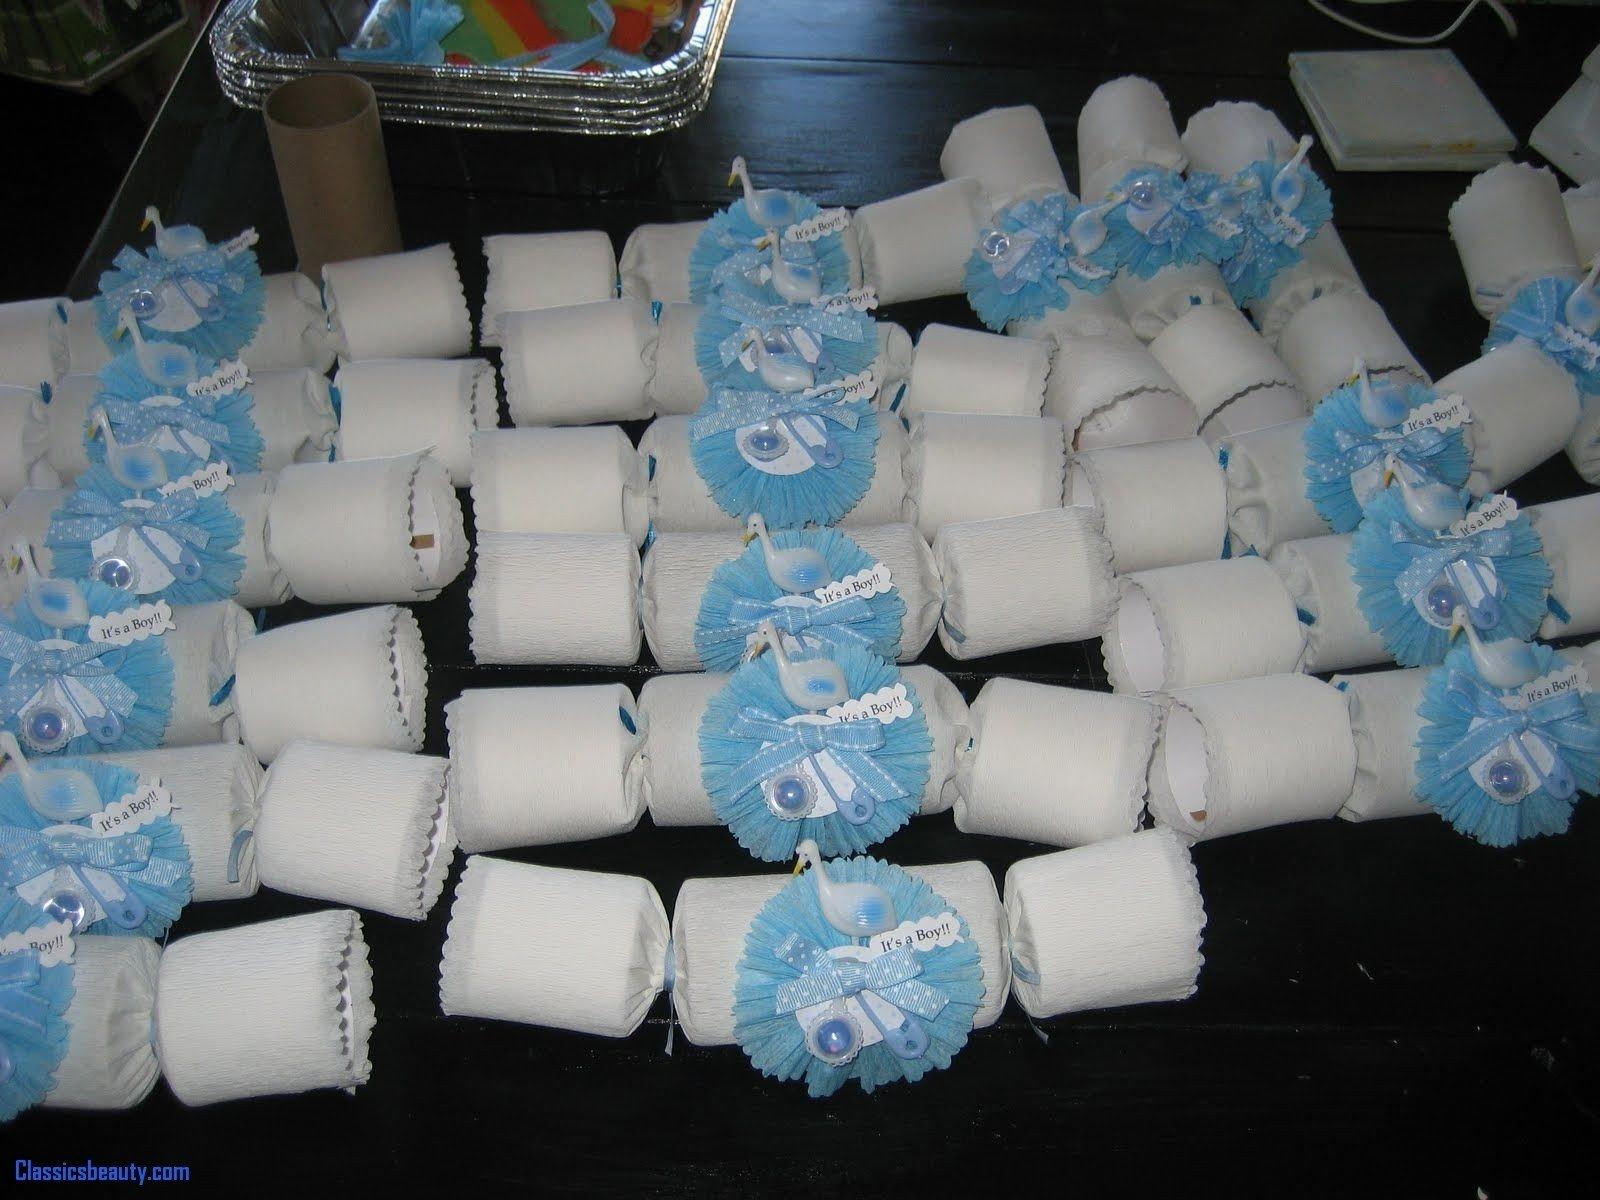 10 Lovable Homemade Baby Shower Party Favors Ideas ideas homemade baby shower favors for boy douche gunsten idee n 1 2021